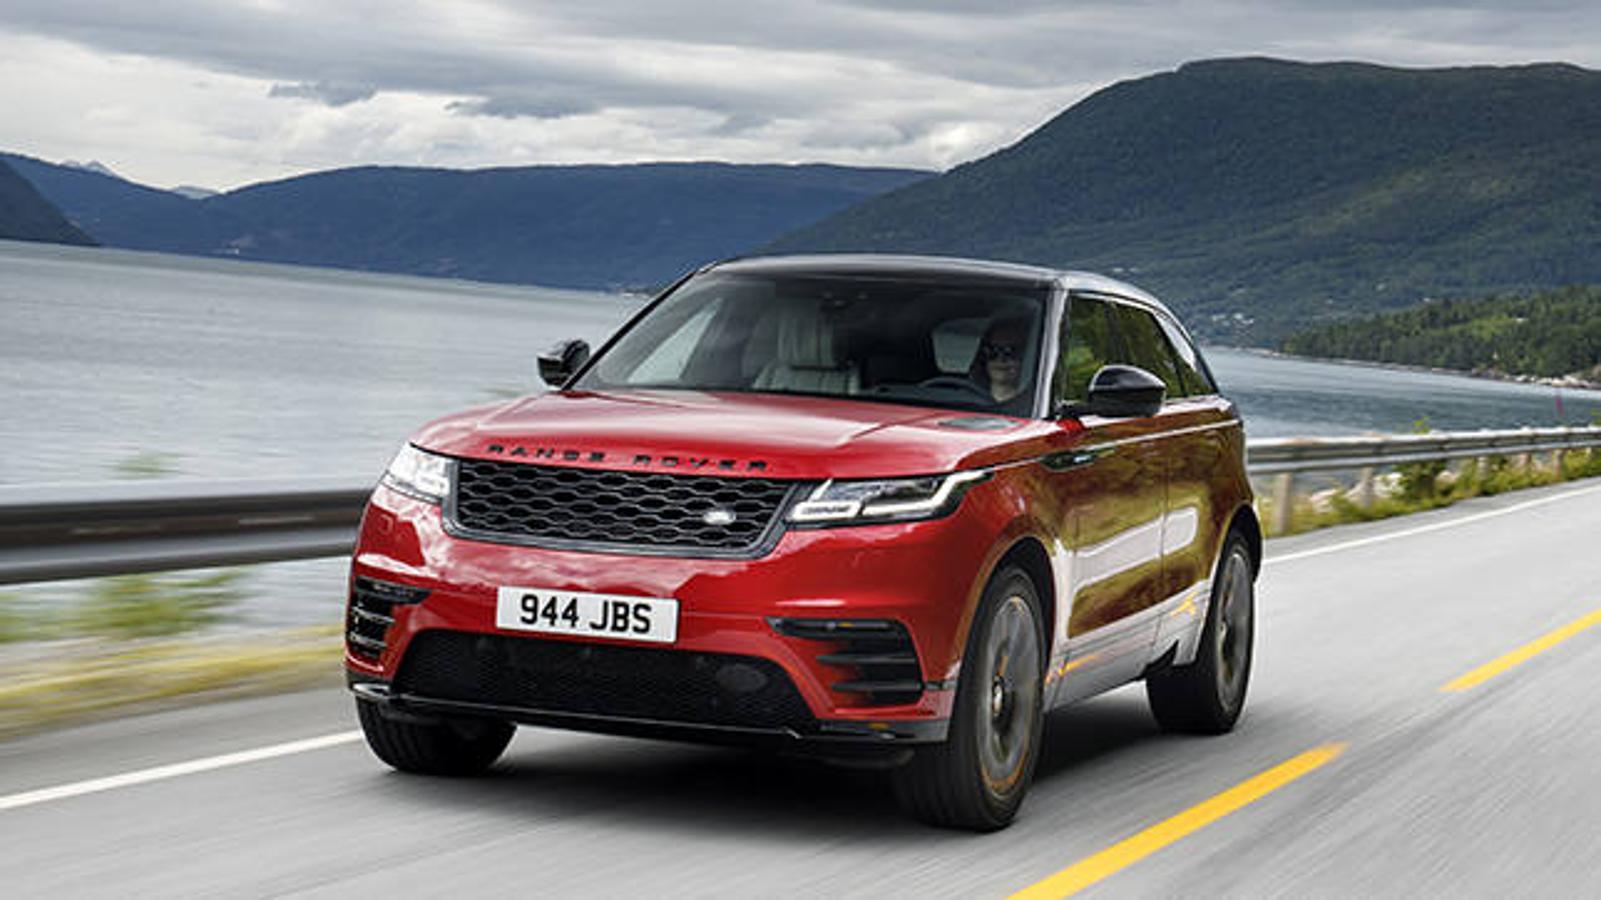 Elegante y sofisticado, así es el nuevo Range Rover Velar